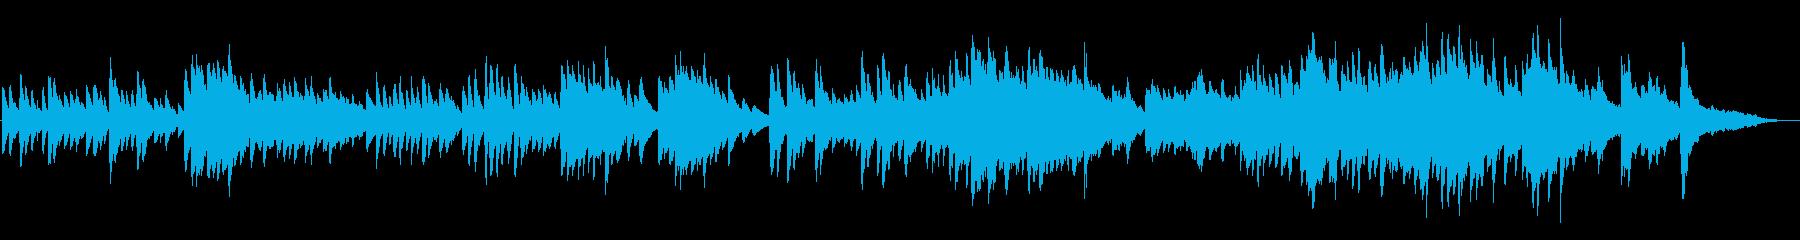 新世紀交響楽団 新世紀室内楽 アン...の再生済みの波形